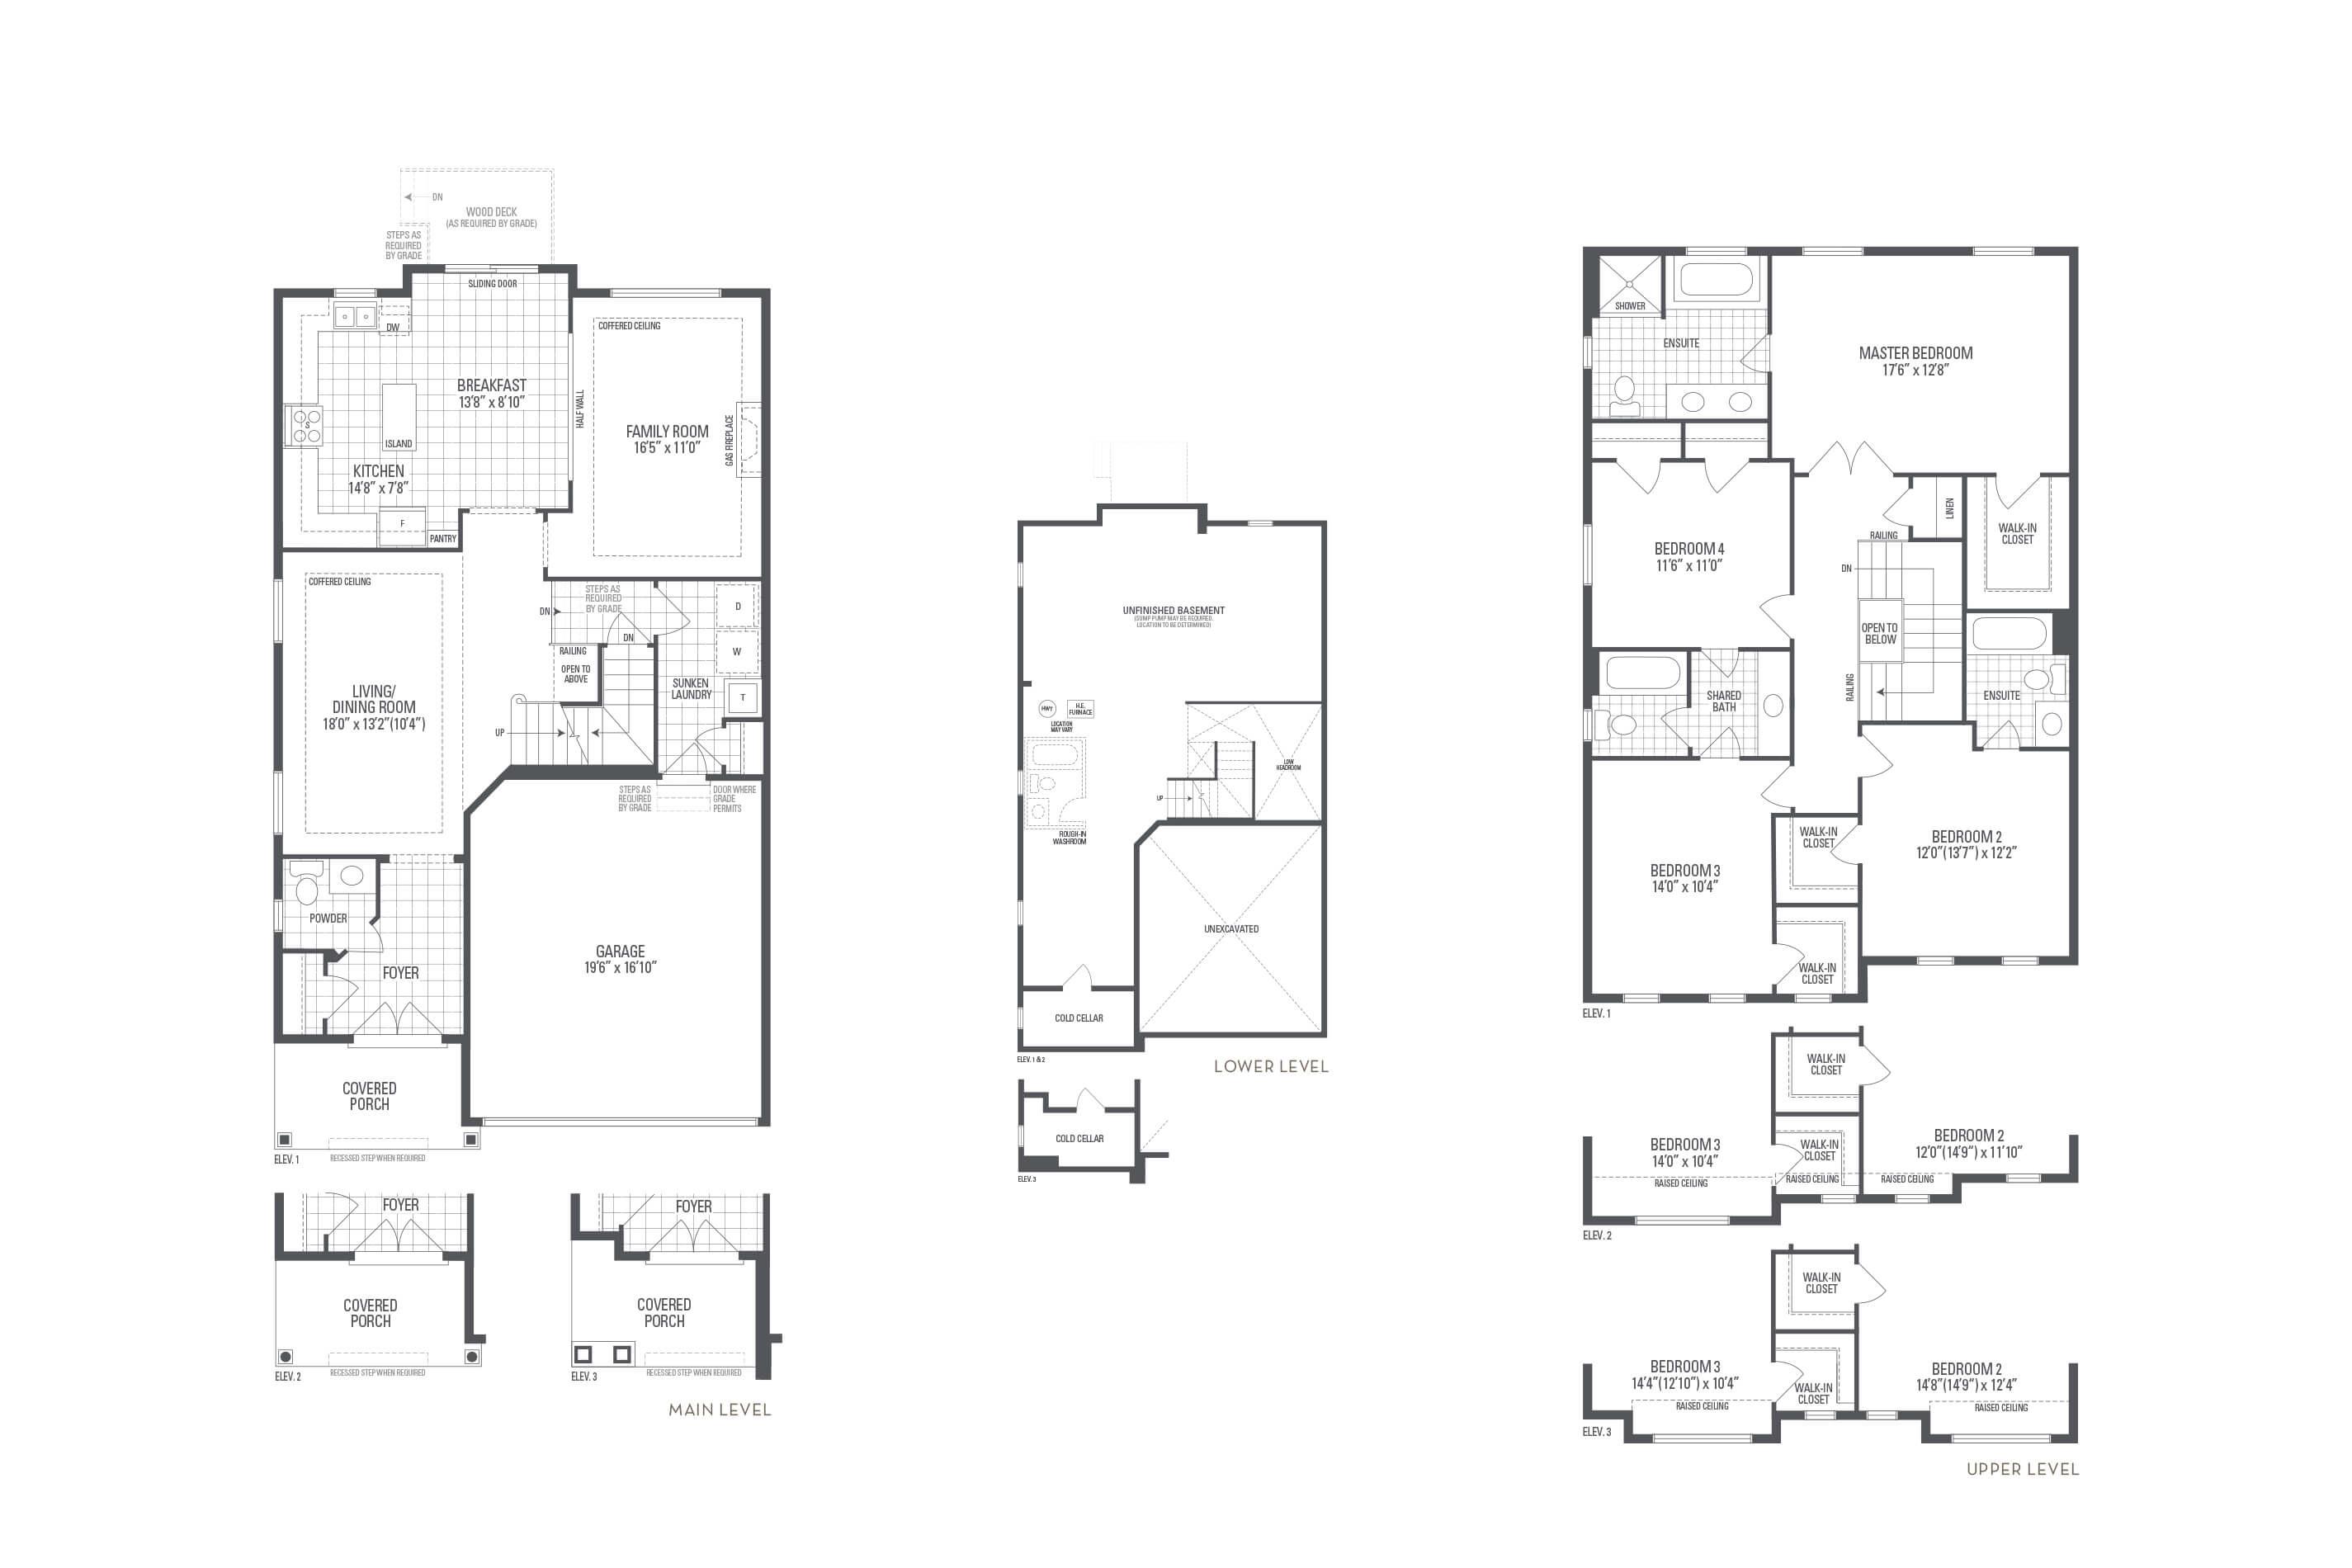 Brooklyn 02 Elev. 2 Floorplan